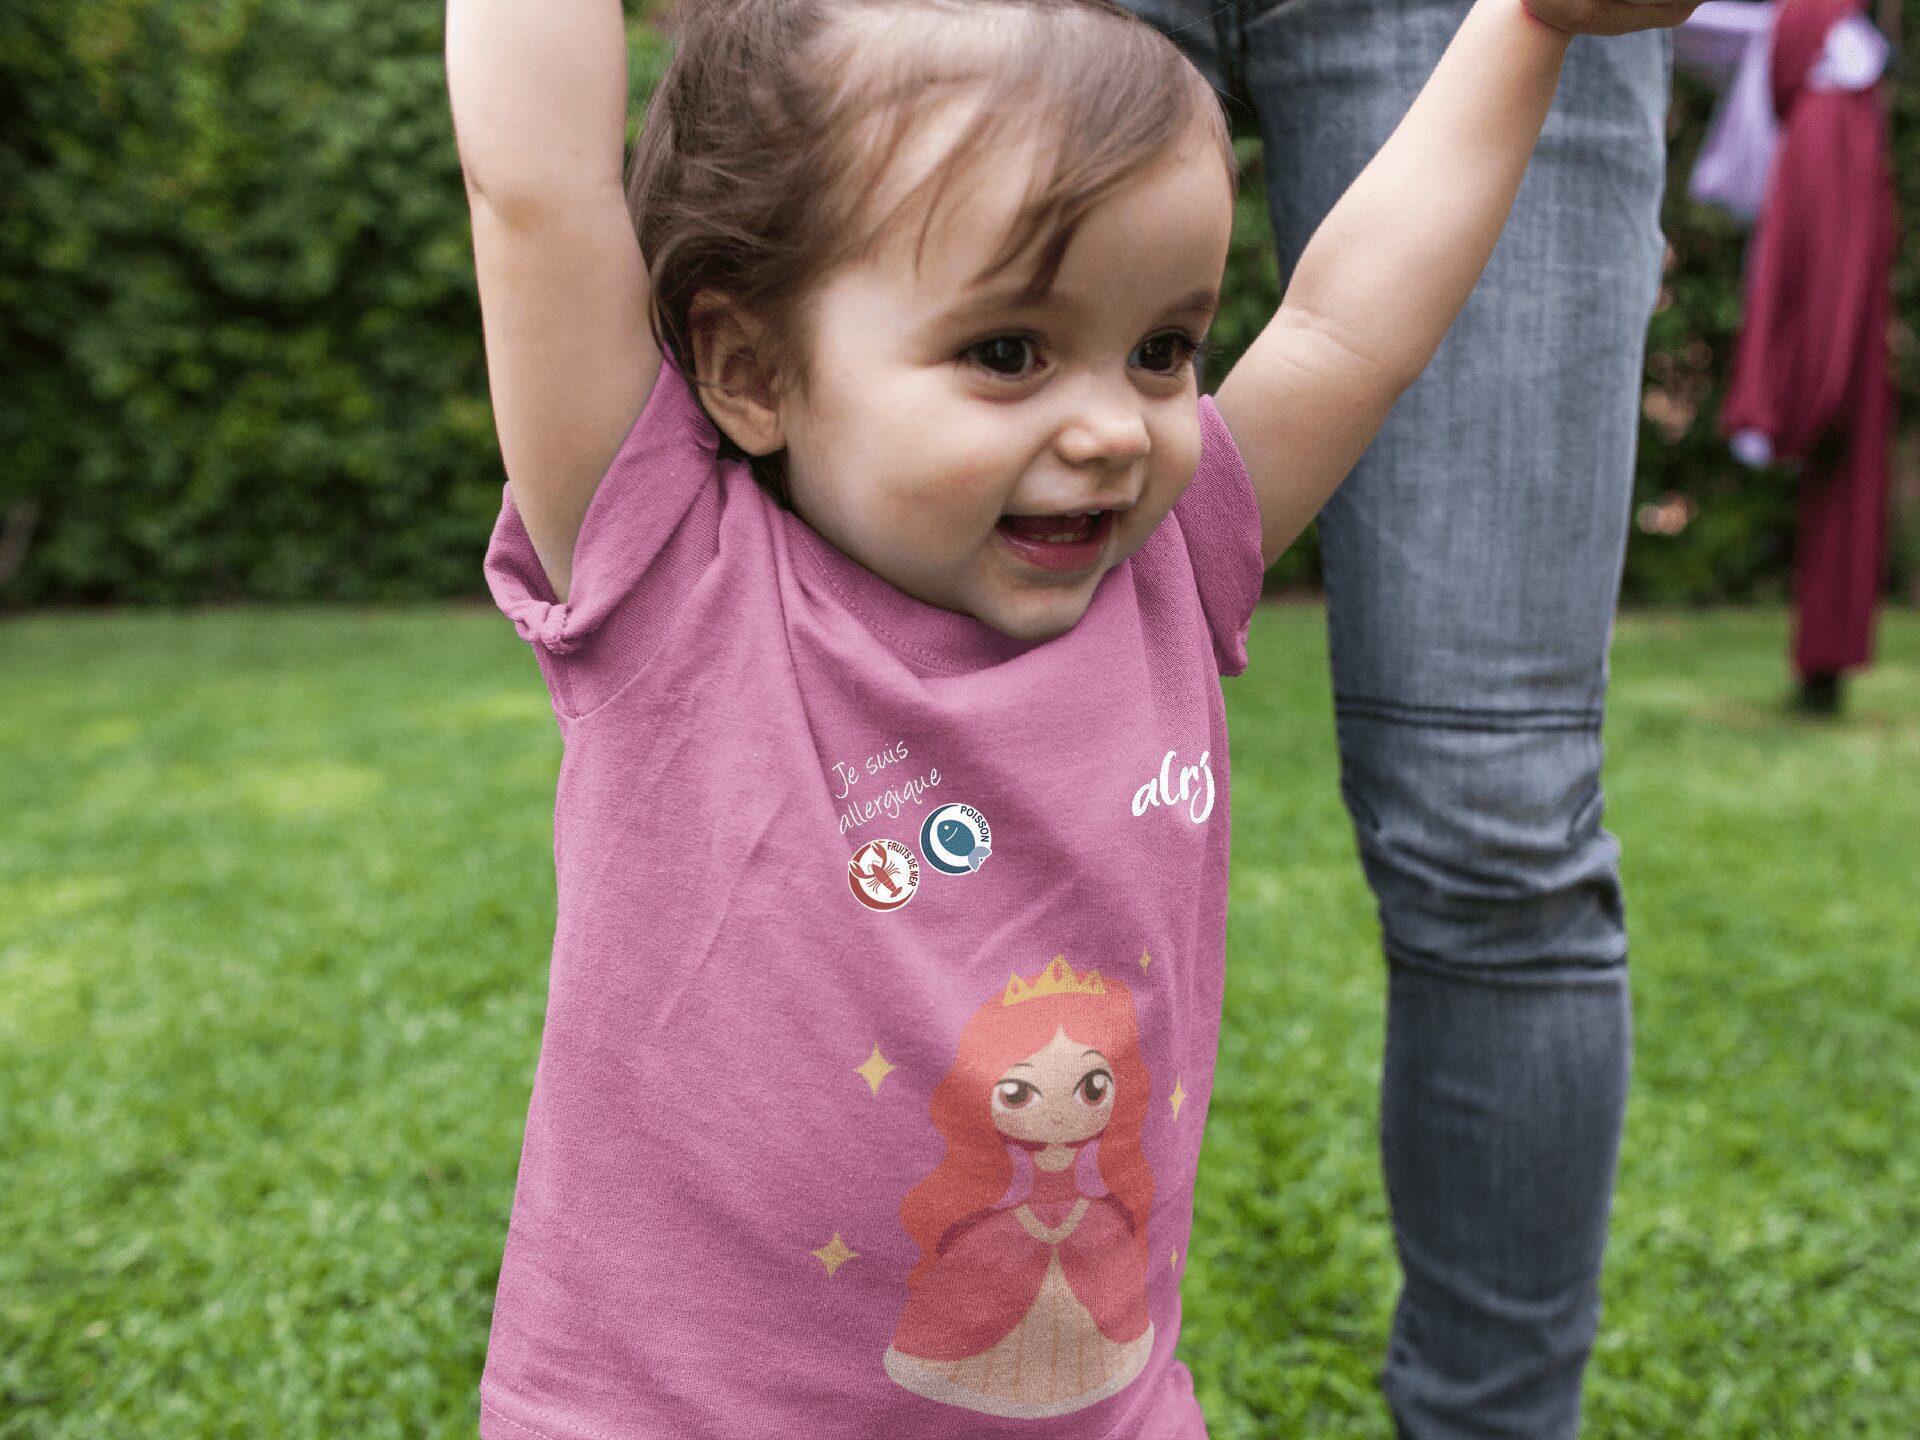 bébé avec allergies alimentaires portant un t-shirt alrj princesse